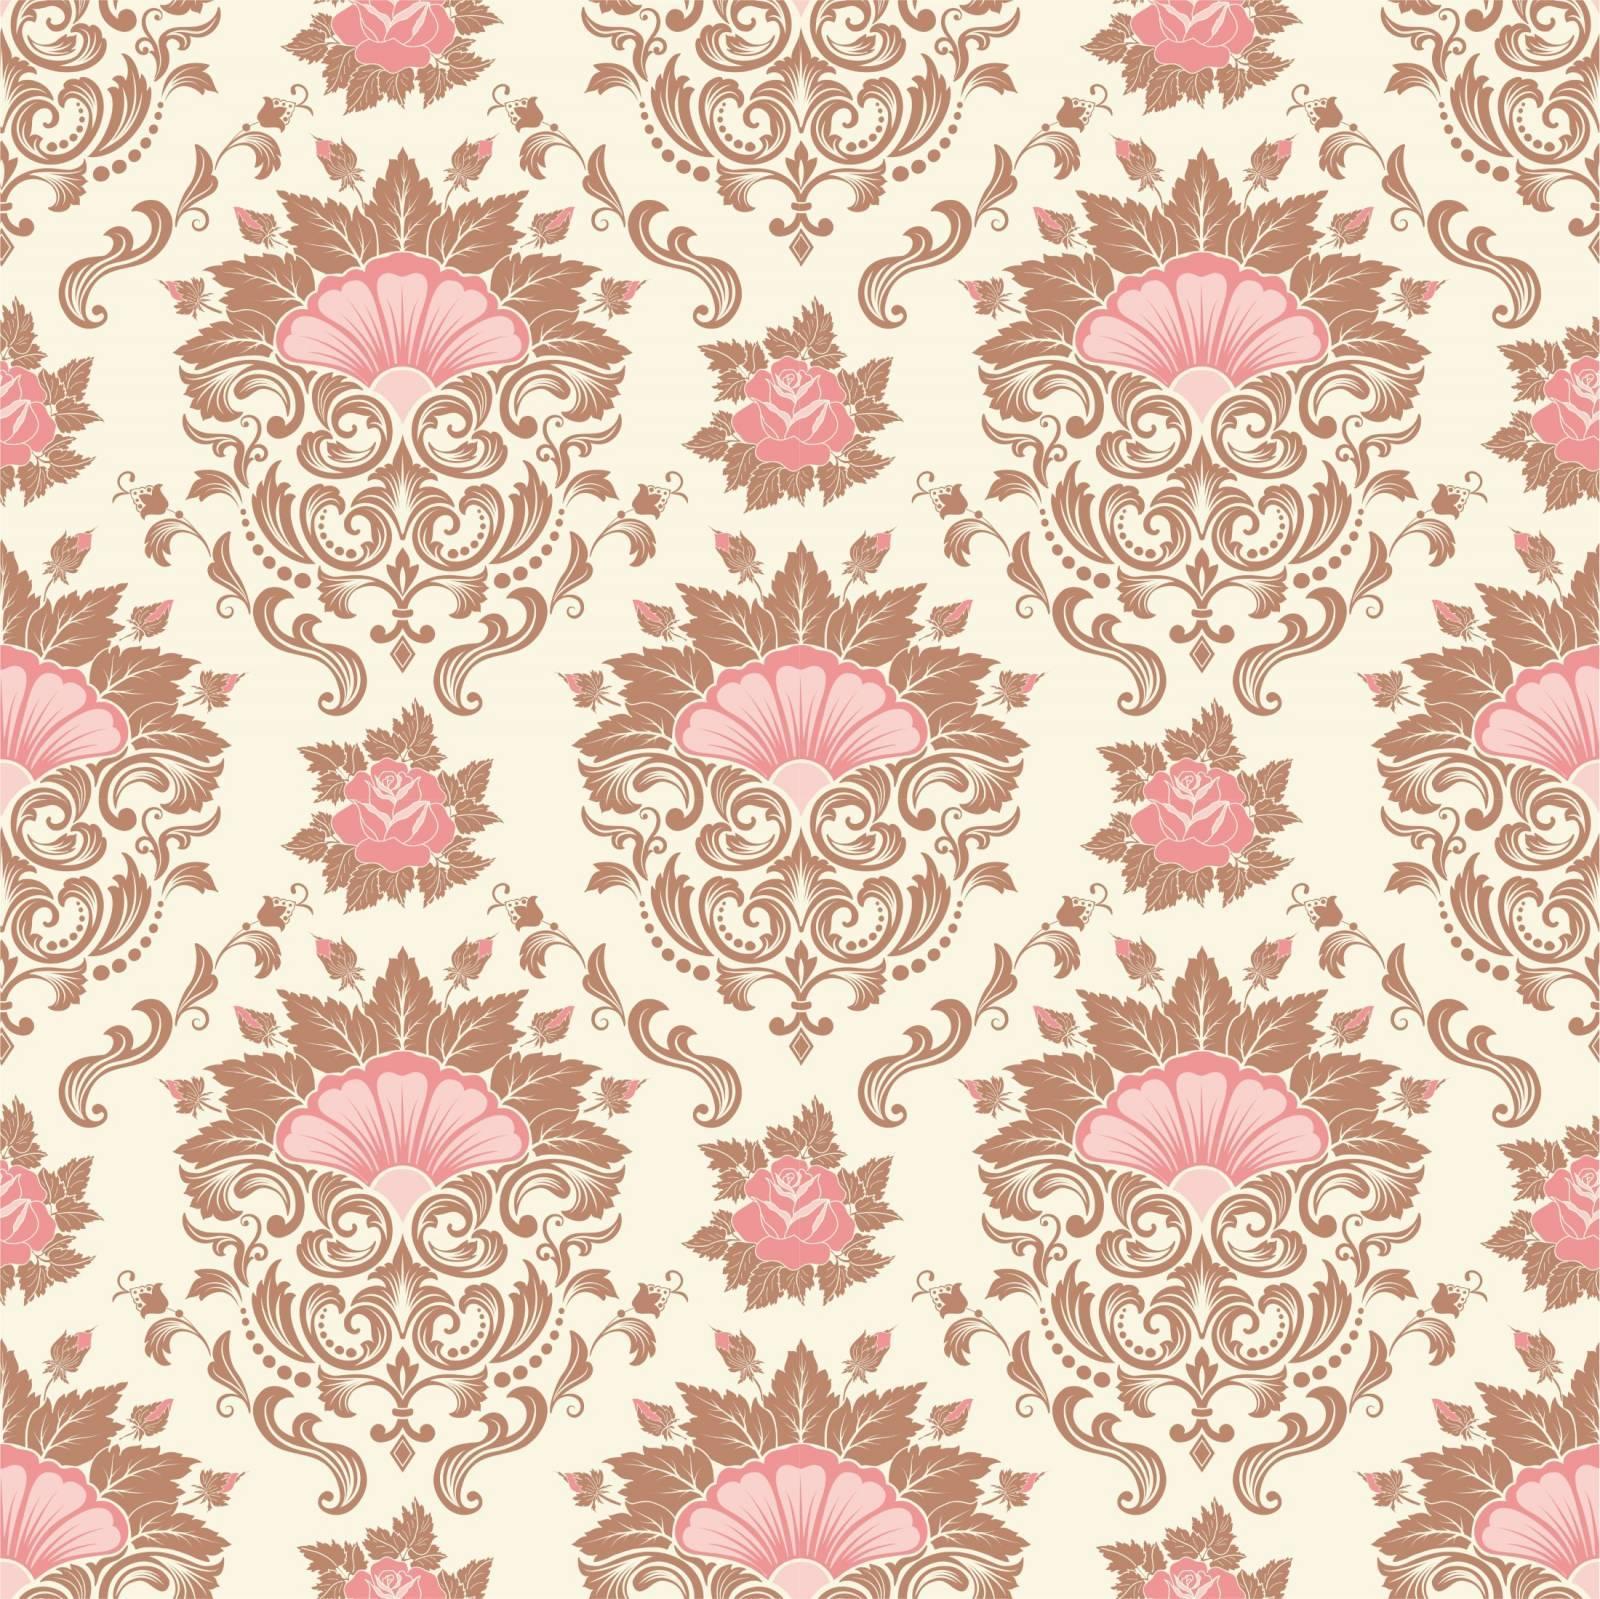 Papel de Parede Rosa Flor| Rolo Adesivo imagem 2